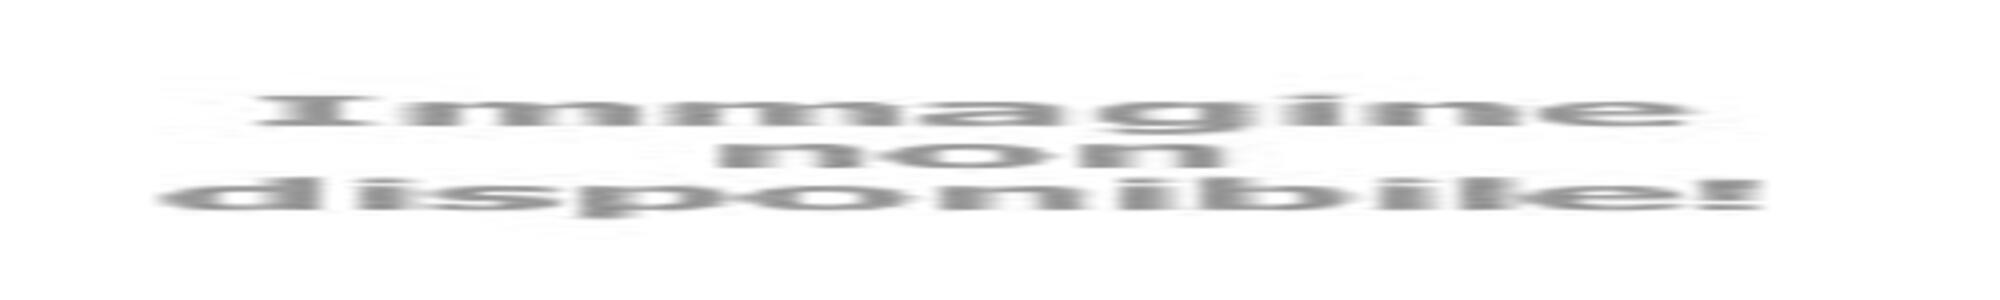 Speciale weekend di benessere in hotel con SPA sul lago di Garda